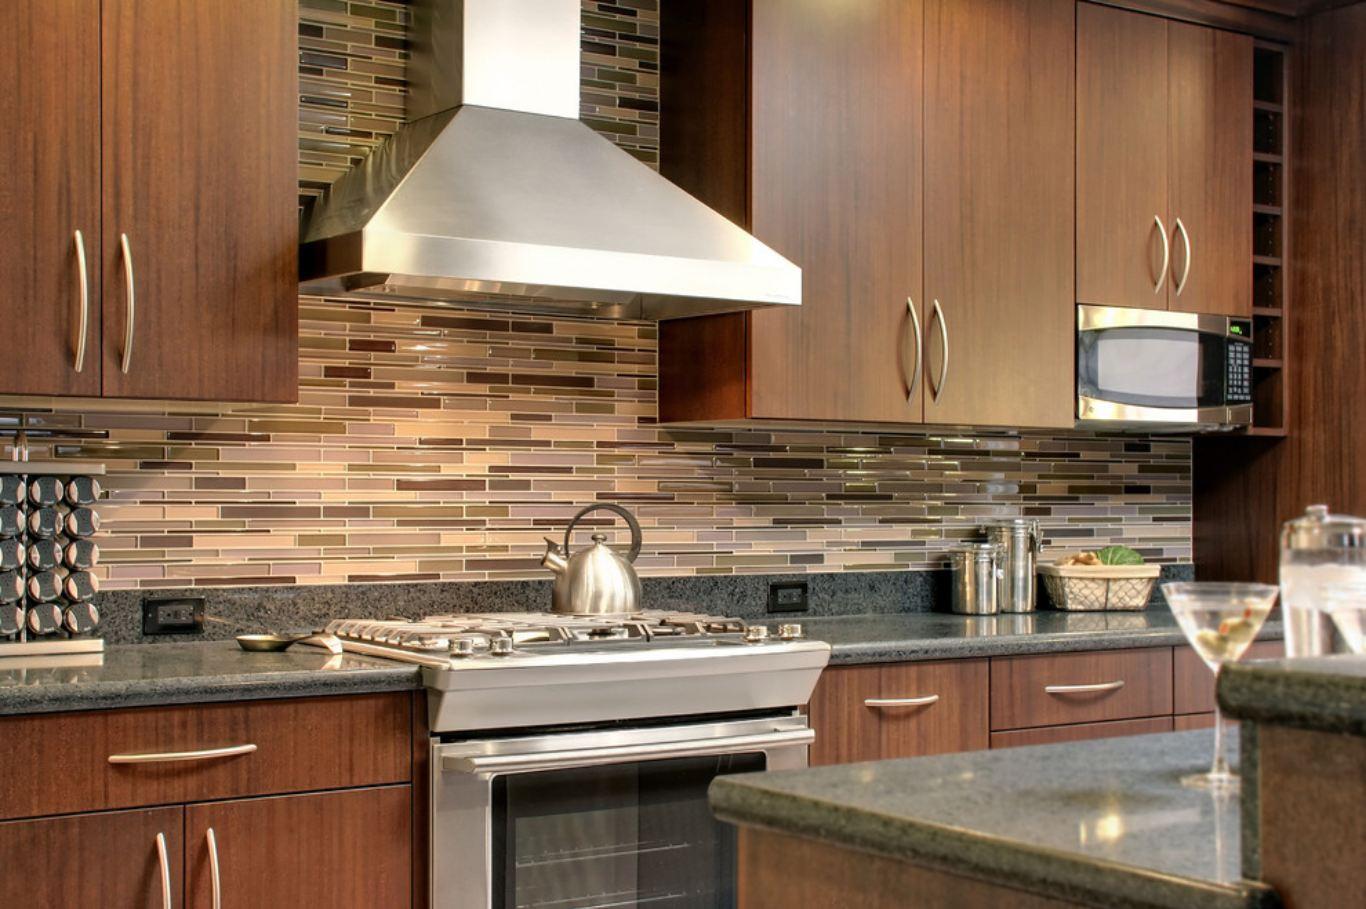 Modern Brown Glass Tile Designs For Backsplash (Image 7 of 10)